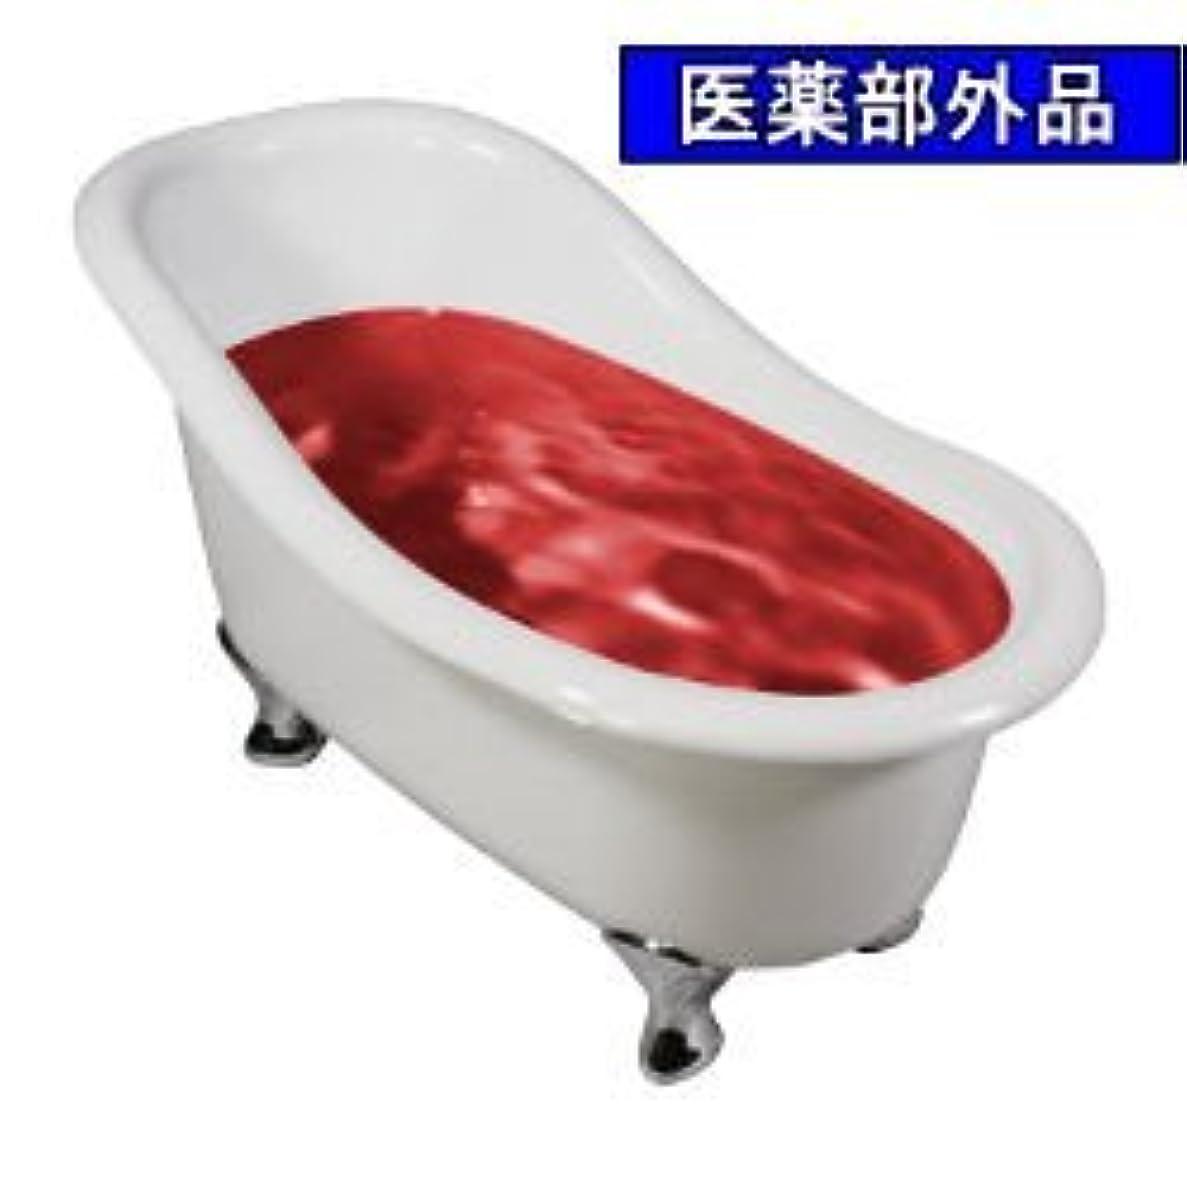 ケーブルヨーロッパ忠実な業務用薬用入浴剤バスフレンド 生薬 17kg 医薬部外品